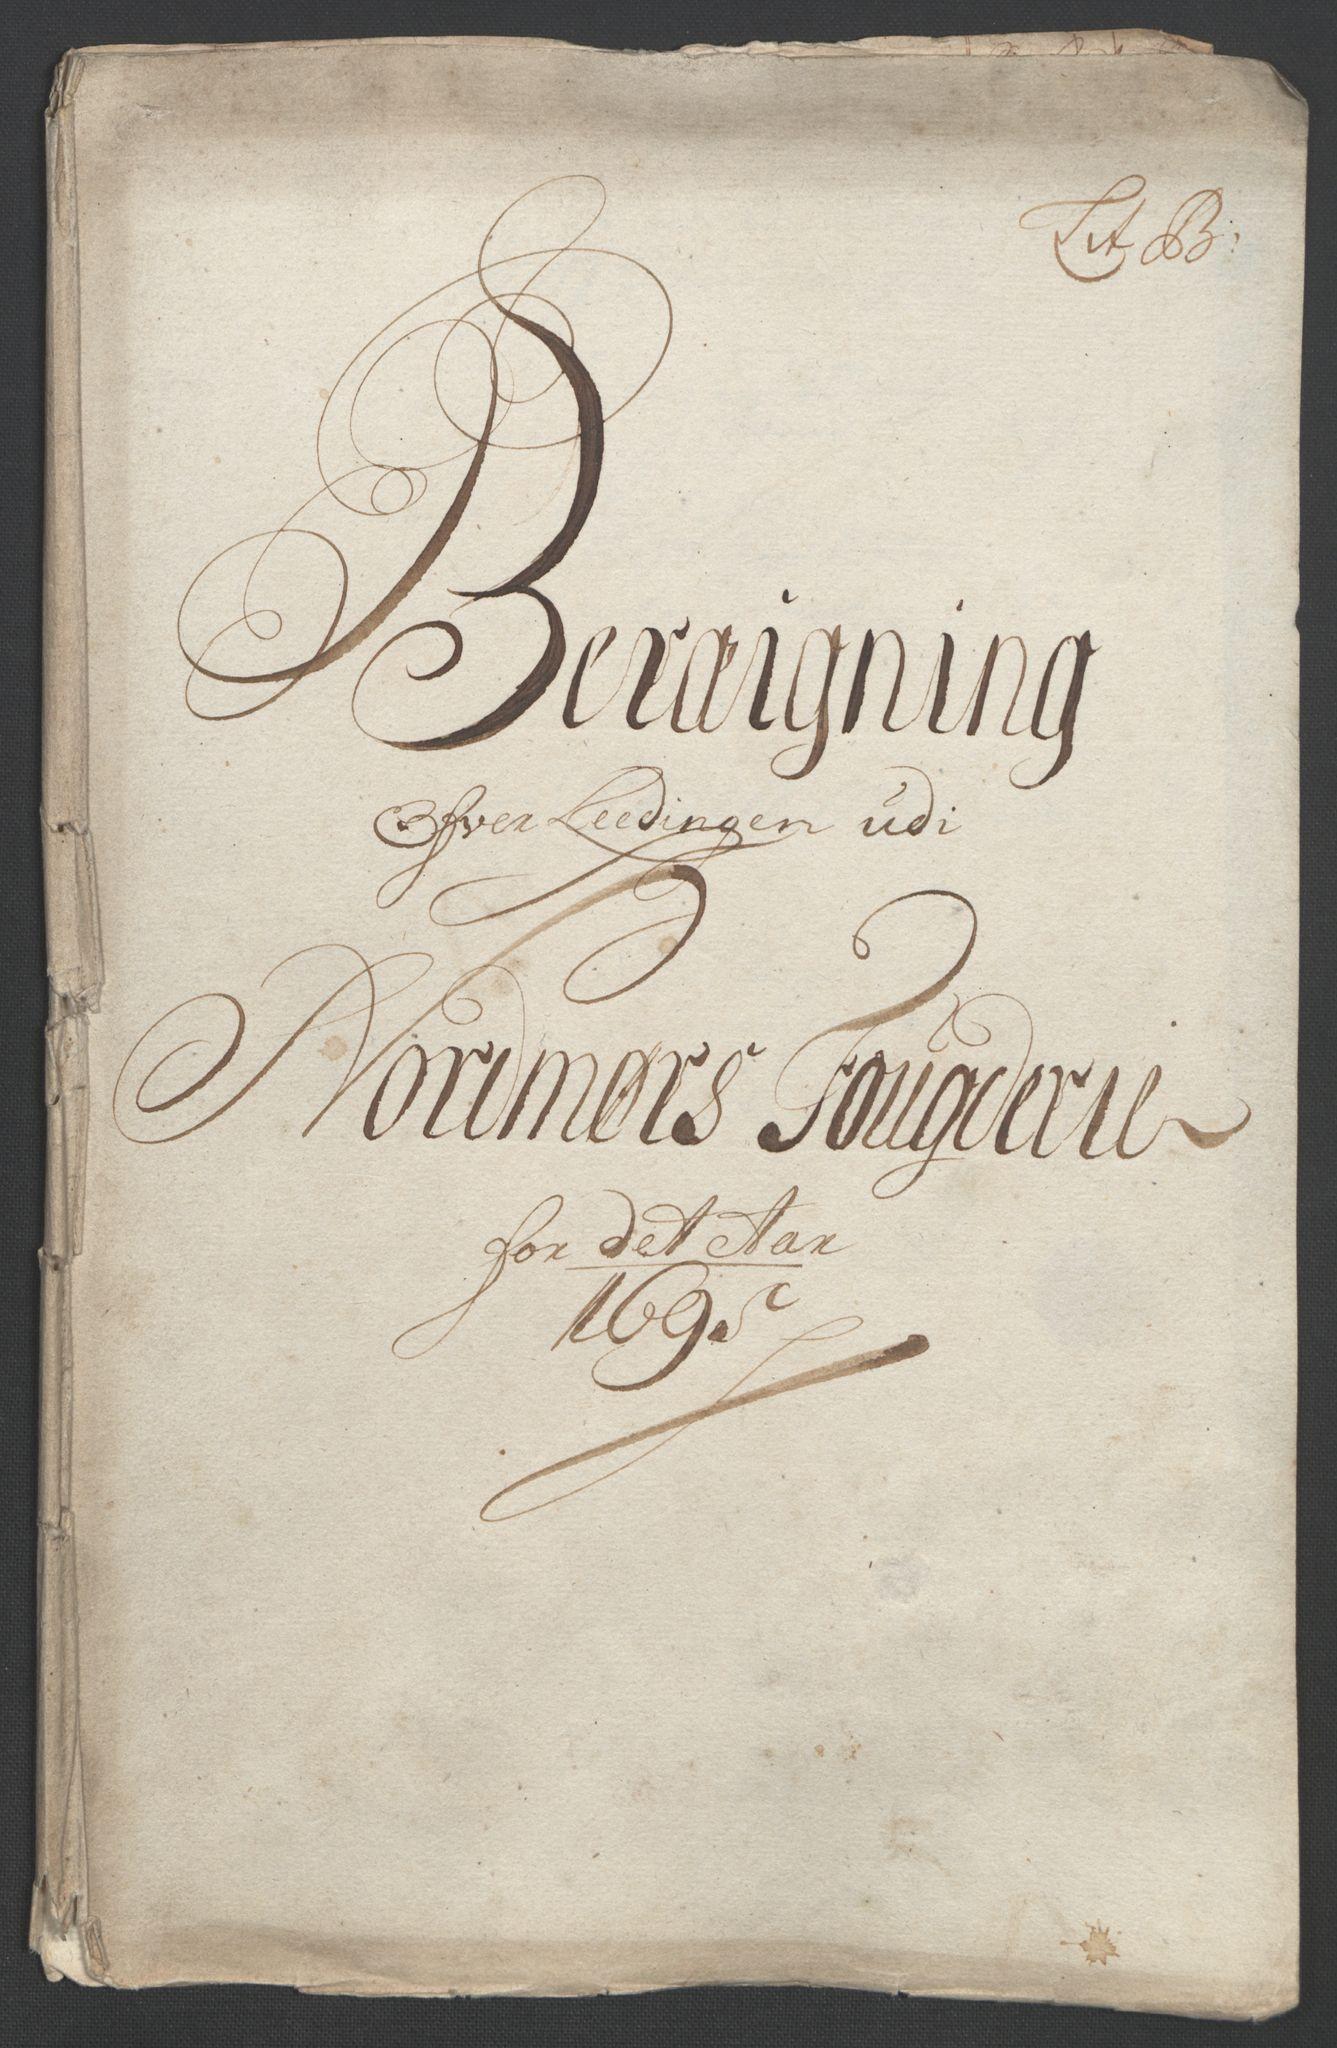 RA, Rentekammeret inntil 1814, Reviderte regnskaper, Fogderegnskap, R56/L3736: Fogderegnskap Nordmøre, 1694-1696, s. 245